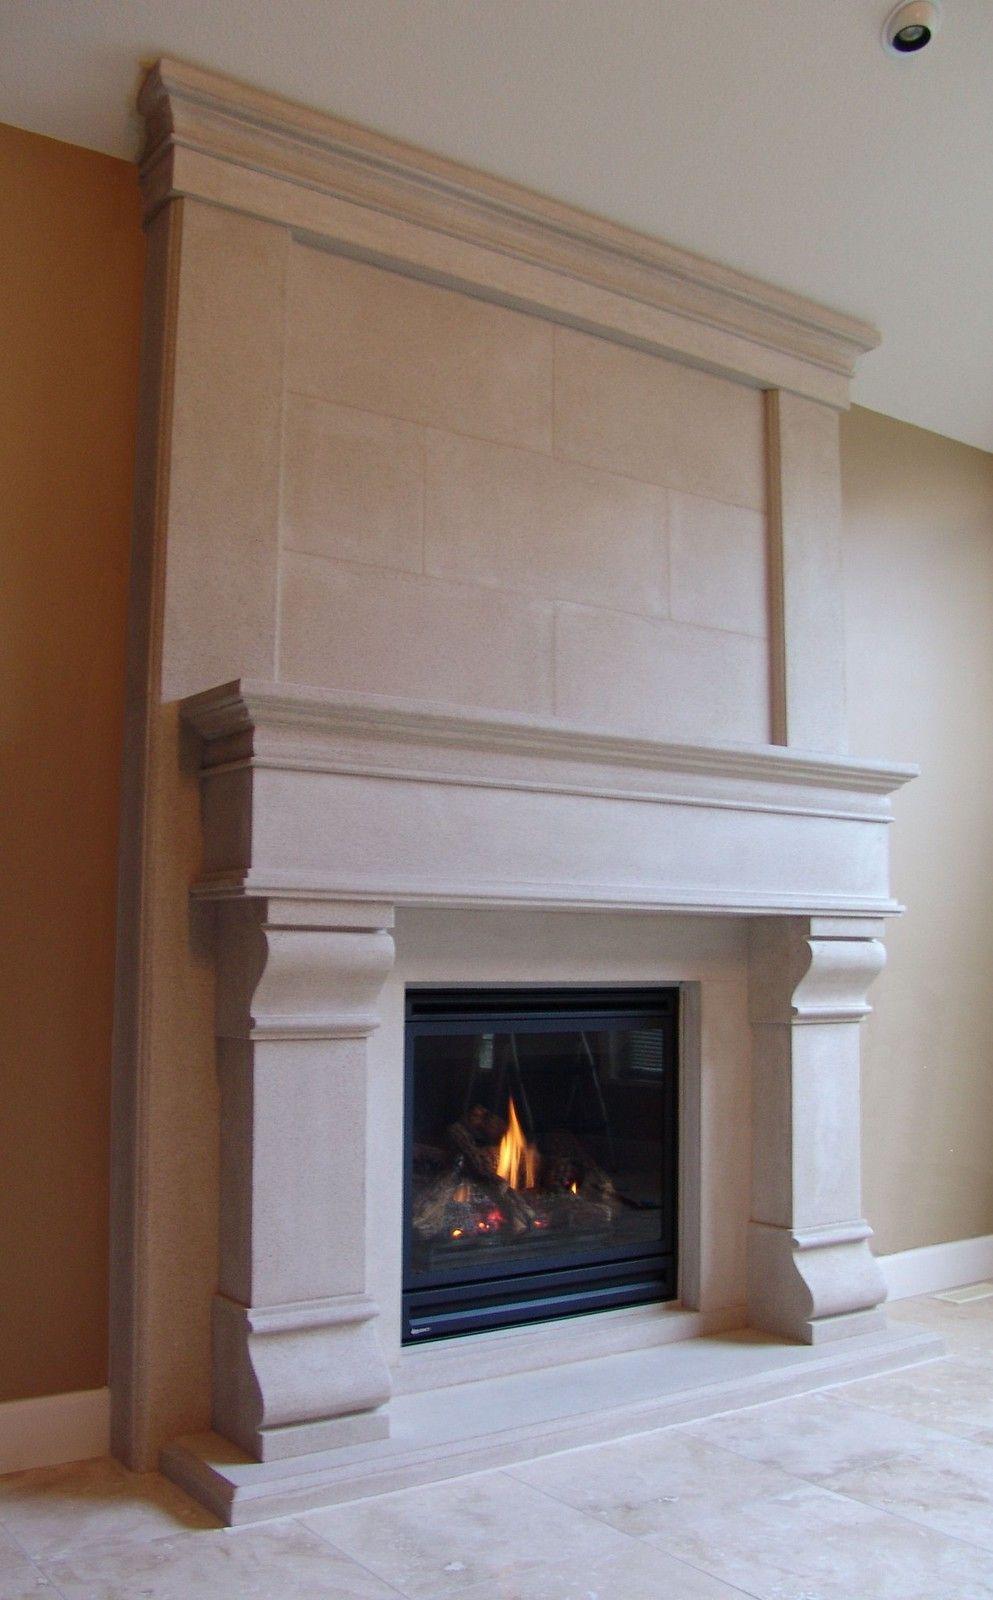 Dsc04390 1 Fireplace Mantel Surrounds Stone Fireplace Surround